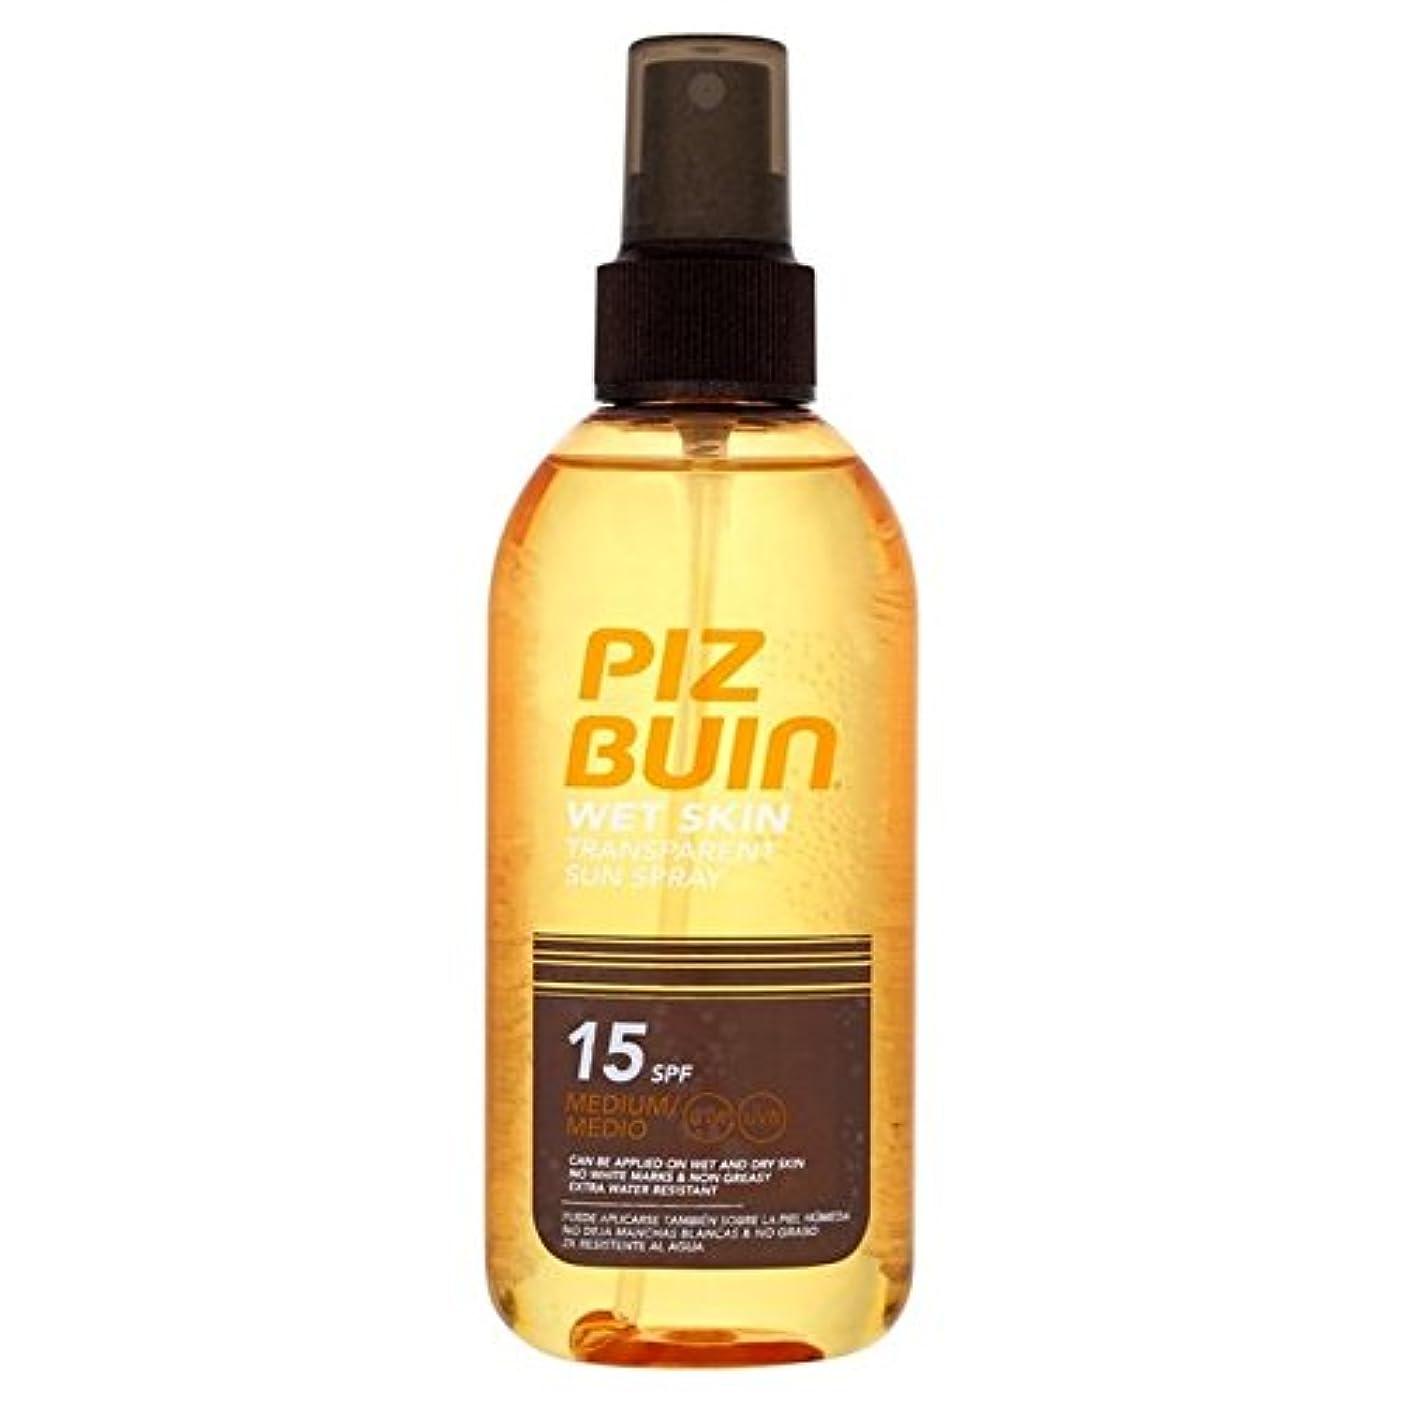 明らかにするテレビ熟したPiz Buin Wet Transparent Skin SPF15 150ml - ピッツブーインの湿った透明肌15の150ミリリットル [並行輸入品]